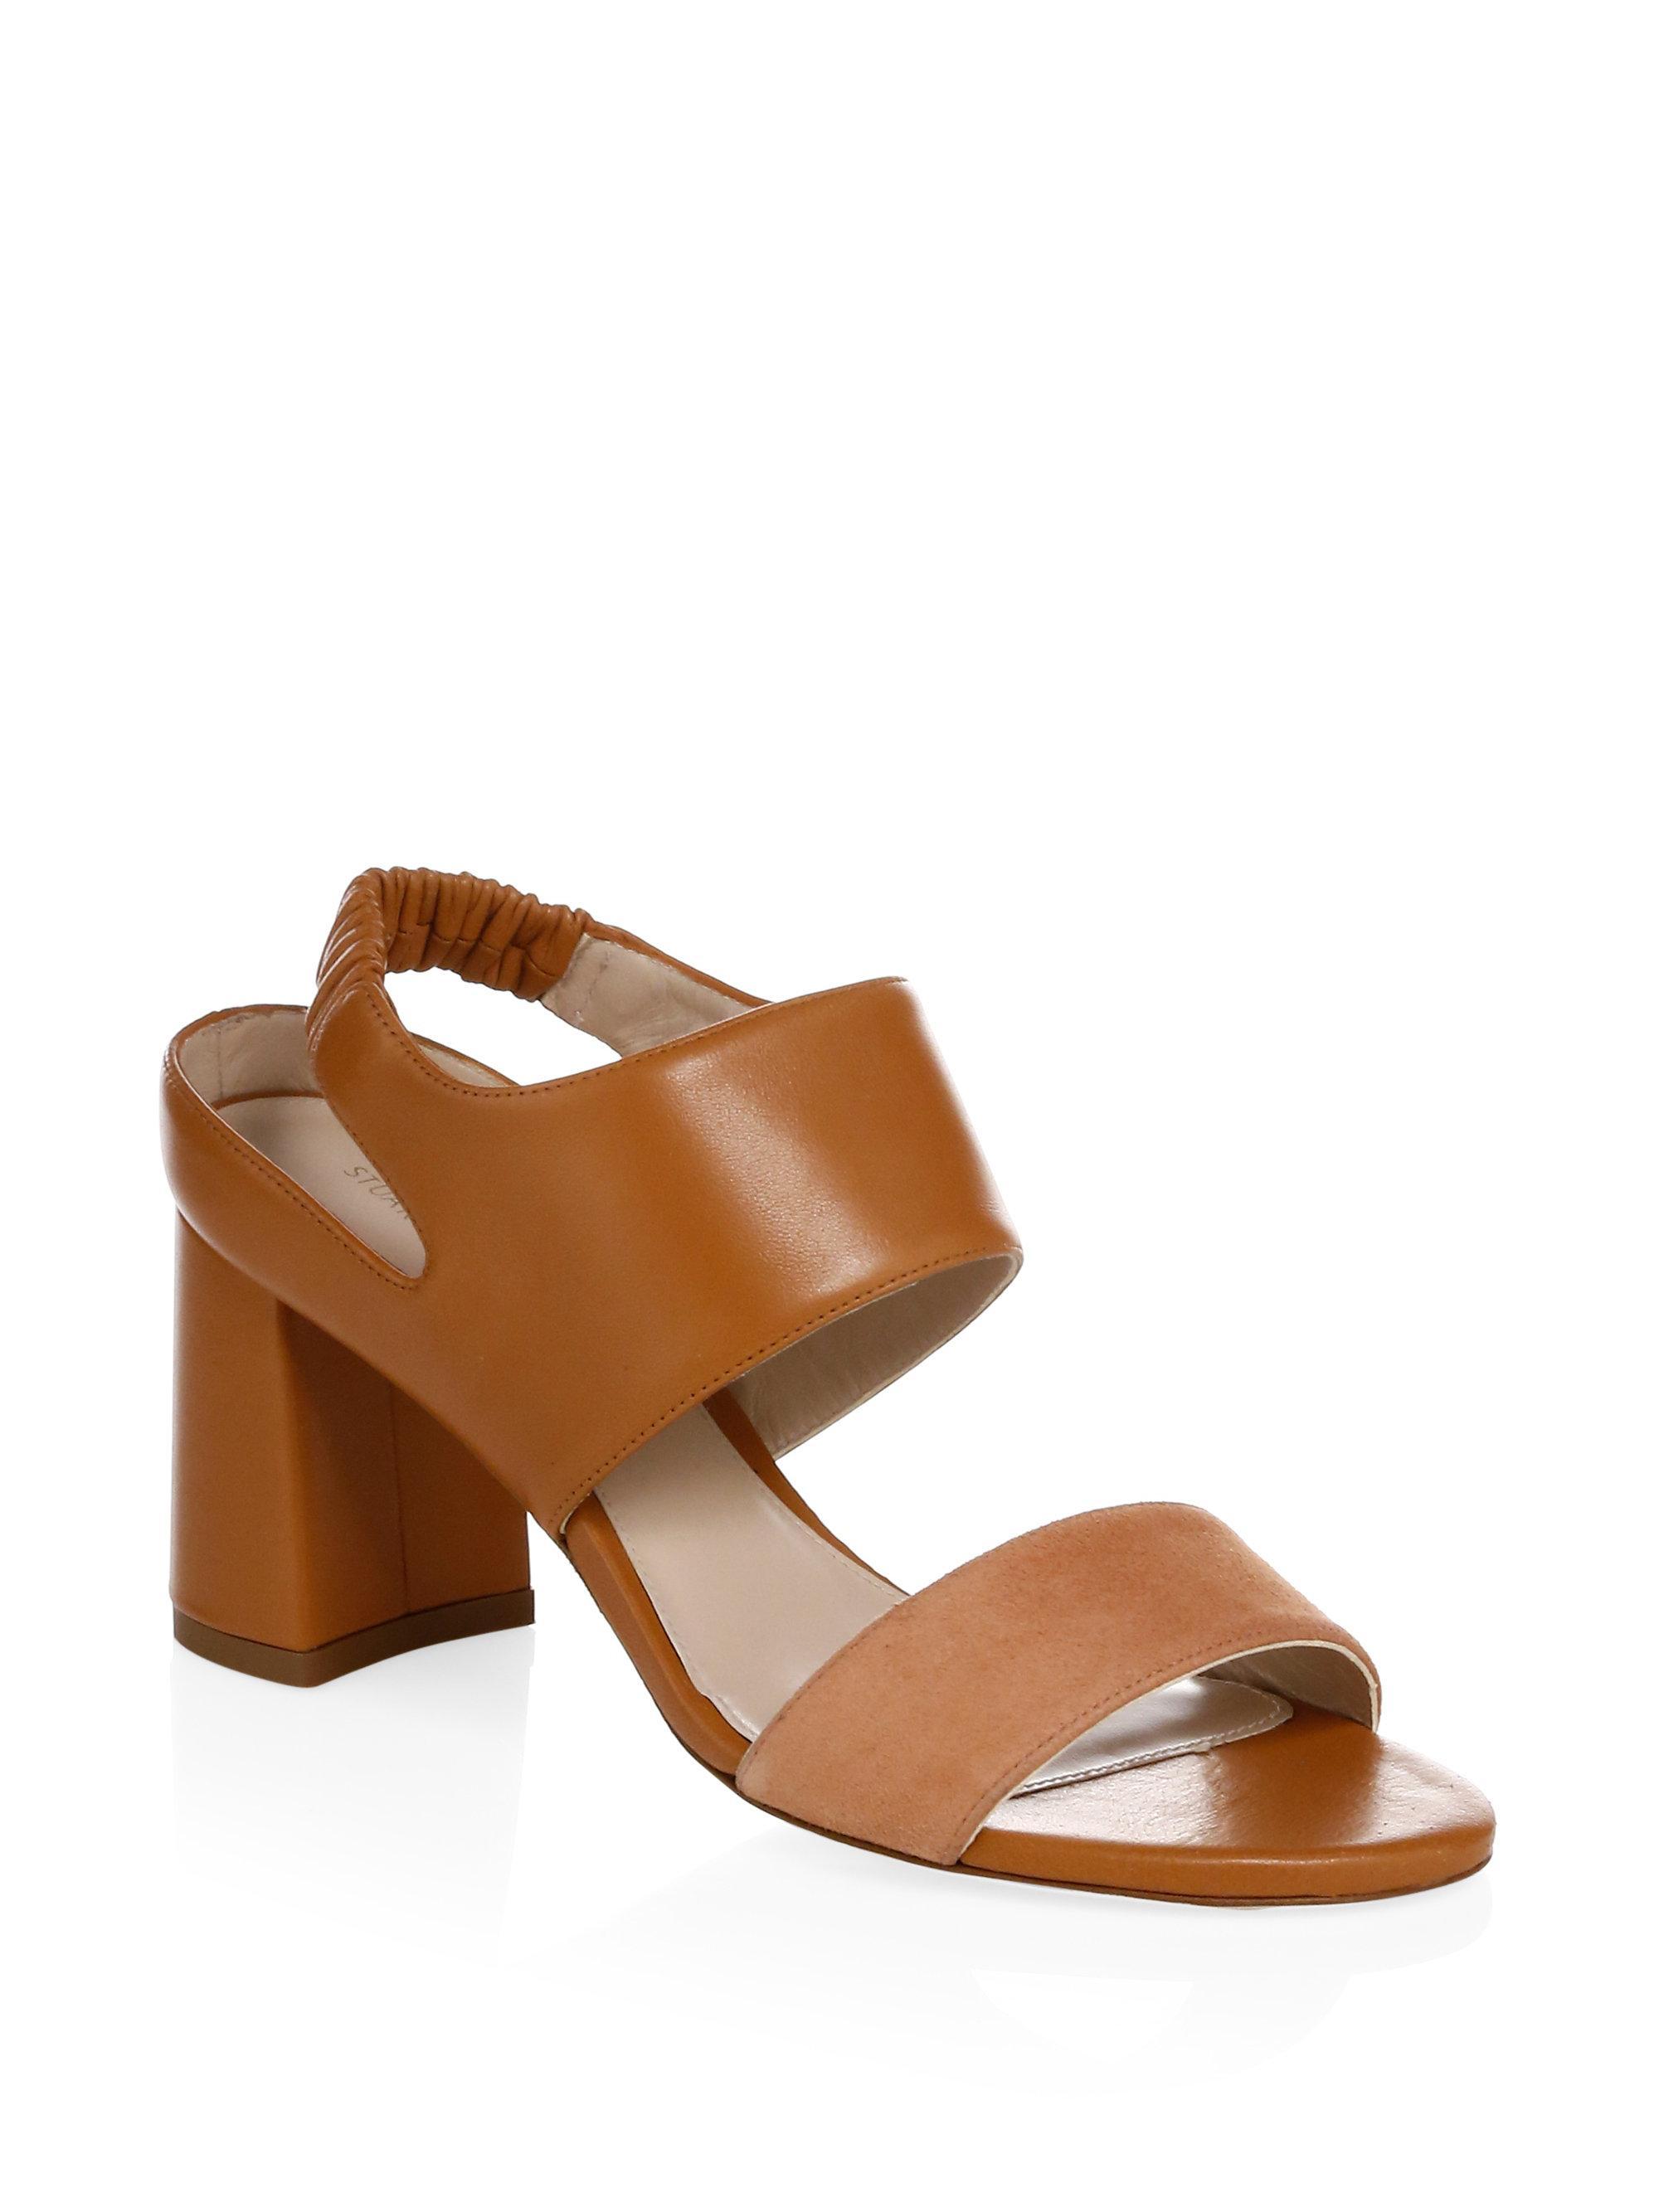 Stuart Weitzman Erica Elastic Strap Block-Heel Sandal 0XzHr